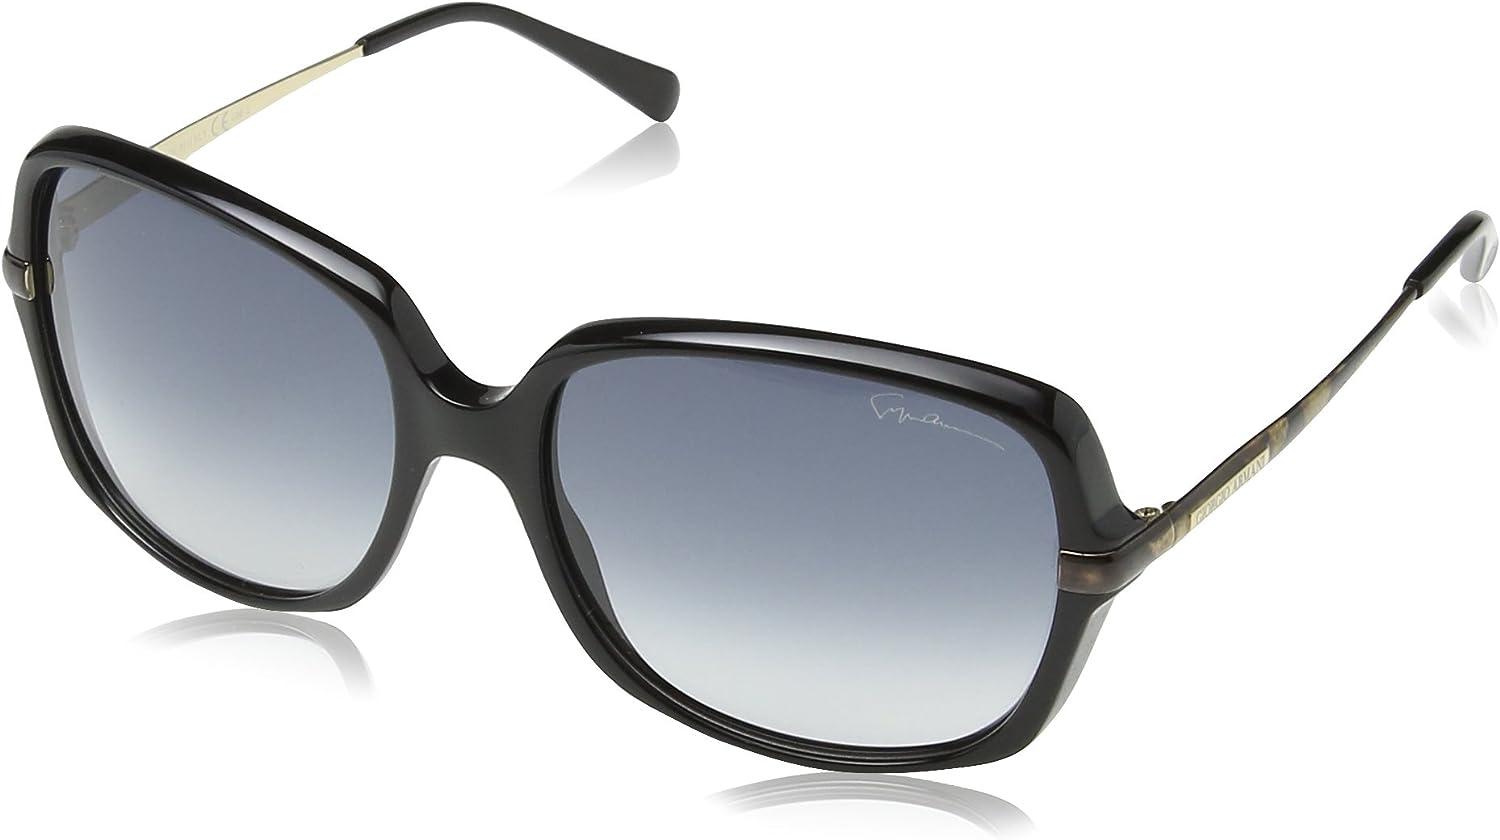 Giorgio Armani Sunglasses G Armani 911 S 0FQM Cocoa